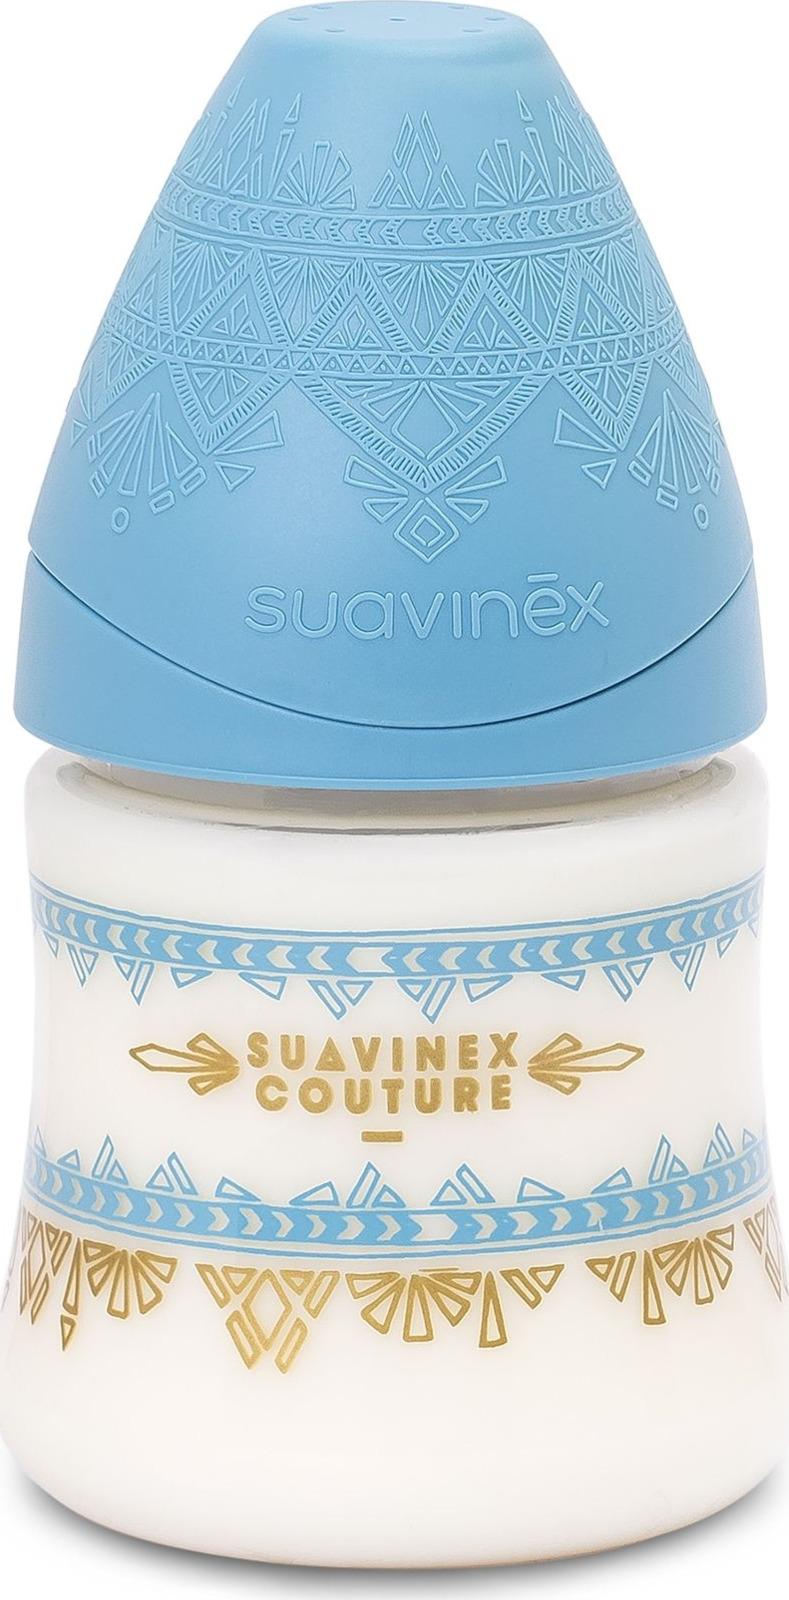 Бутылочка для кормления Suavinex Haute Couture, от 0 месяцев, с силиконовой круглой соской, 3162101, голубой, 150 мл цена